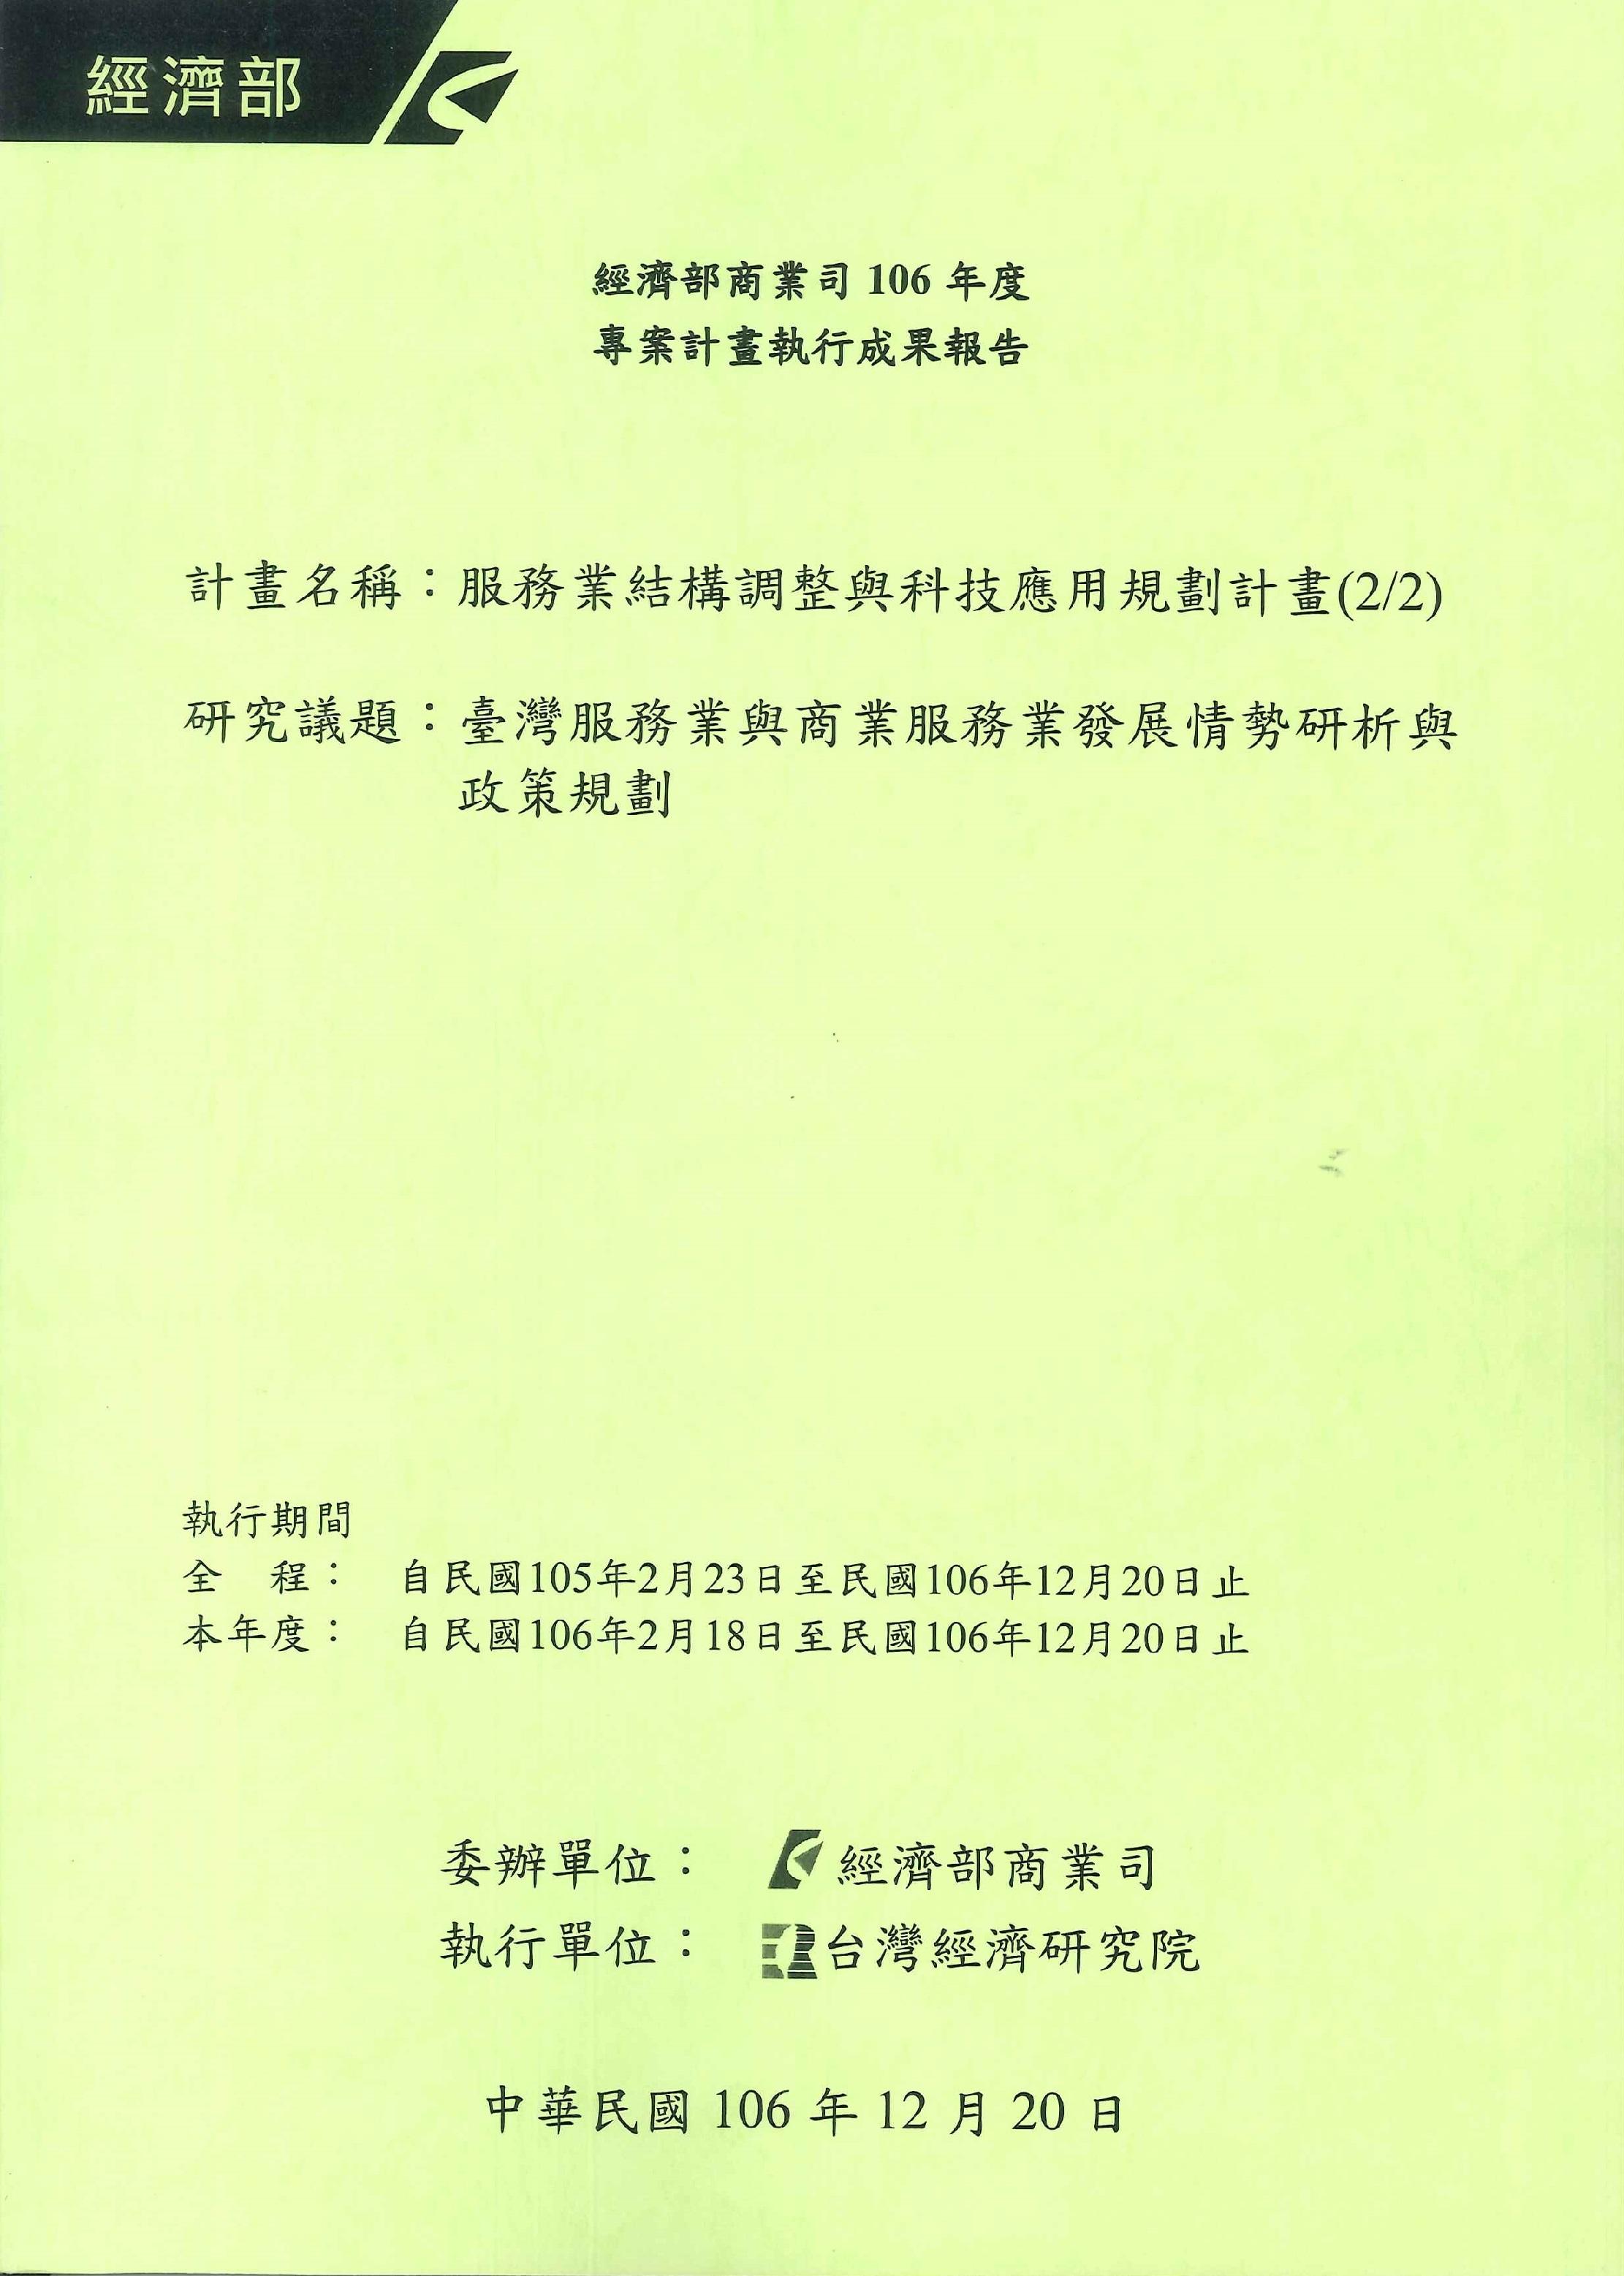 服務業結構調整與科技應用規劃計畫.臺灣服務業與商業服務業發展情勢研析與政策規劃.2/2